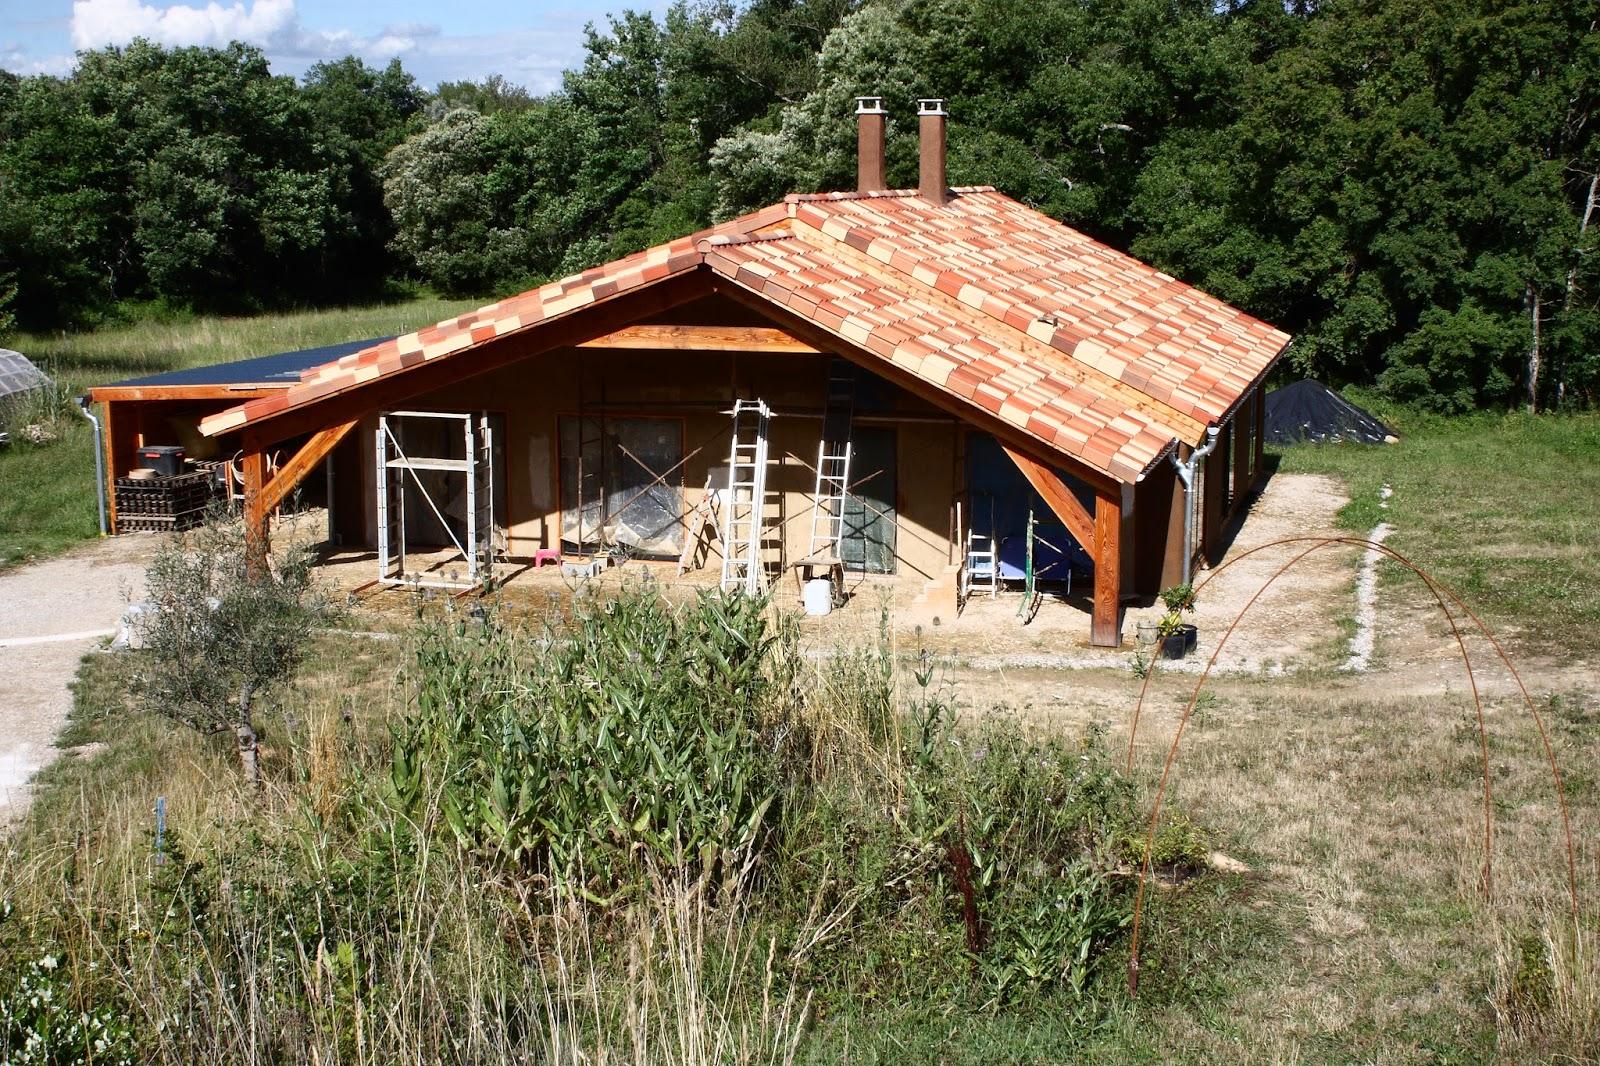 Eigen Huis Bouwen : Eigen huis bouwen wat zelf doen en wat overlaten aan professionals